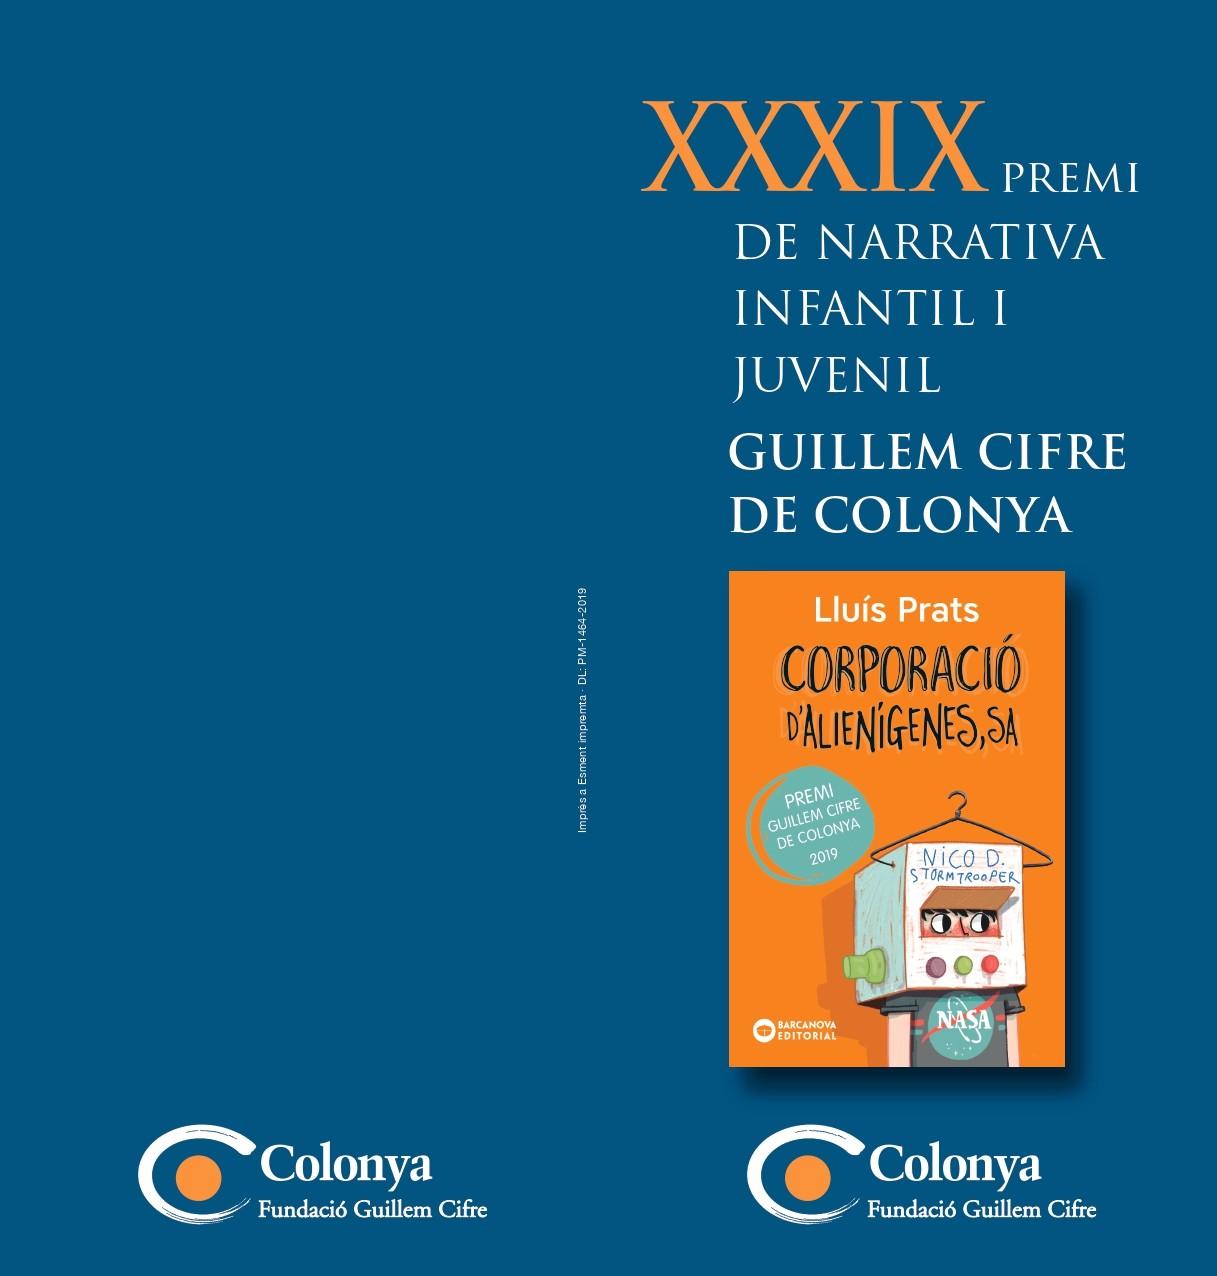 El Premi de Narrativa Infantil i Juvenil Guillem Cifre de Colonya edita les bases per a la seva XXXIX edició